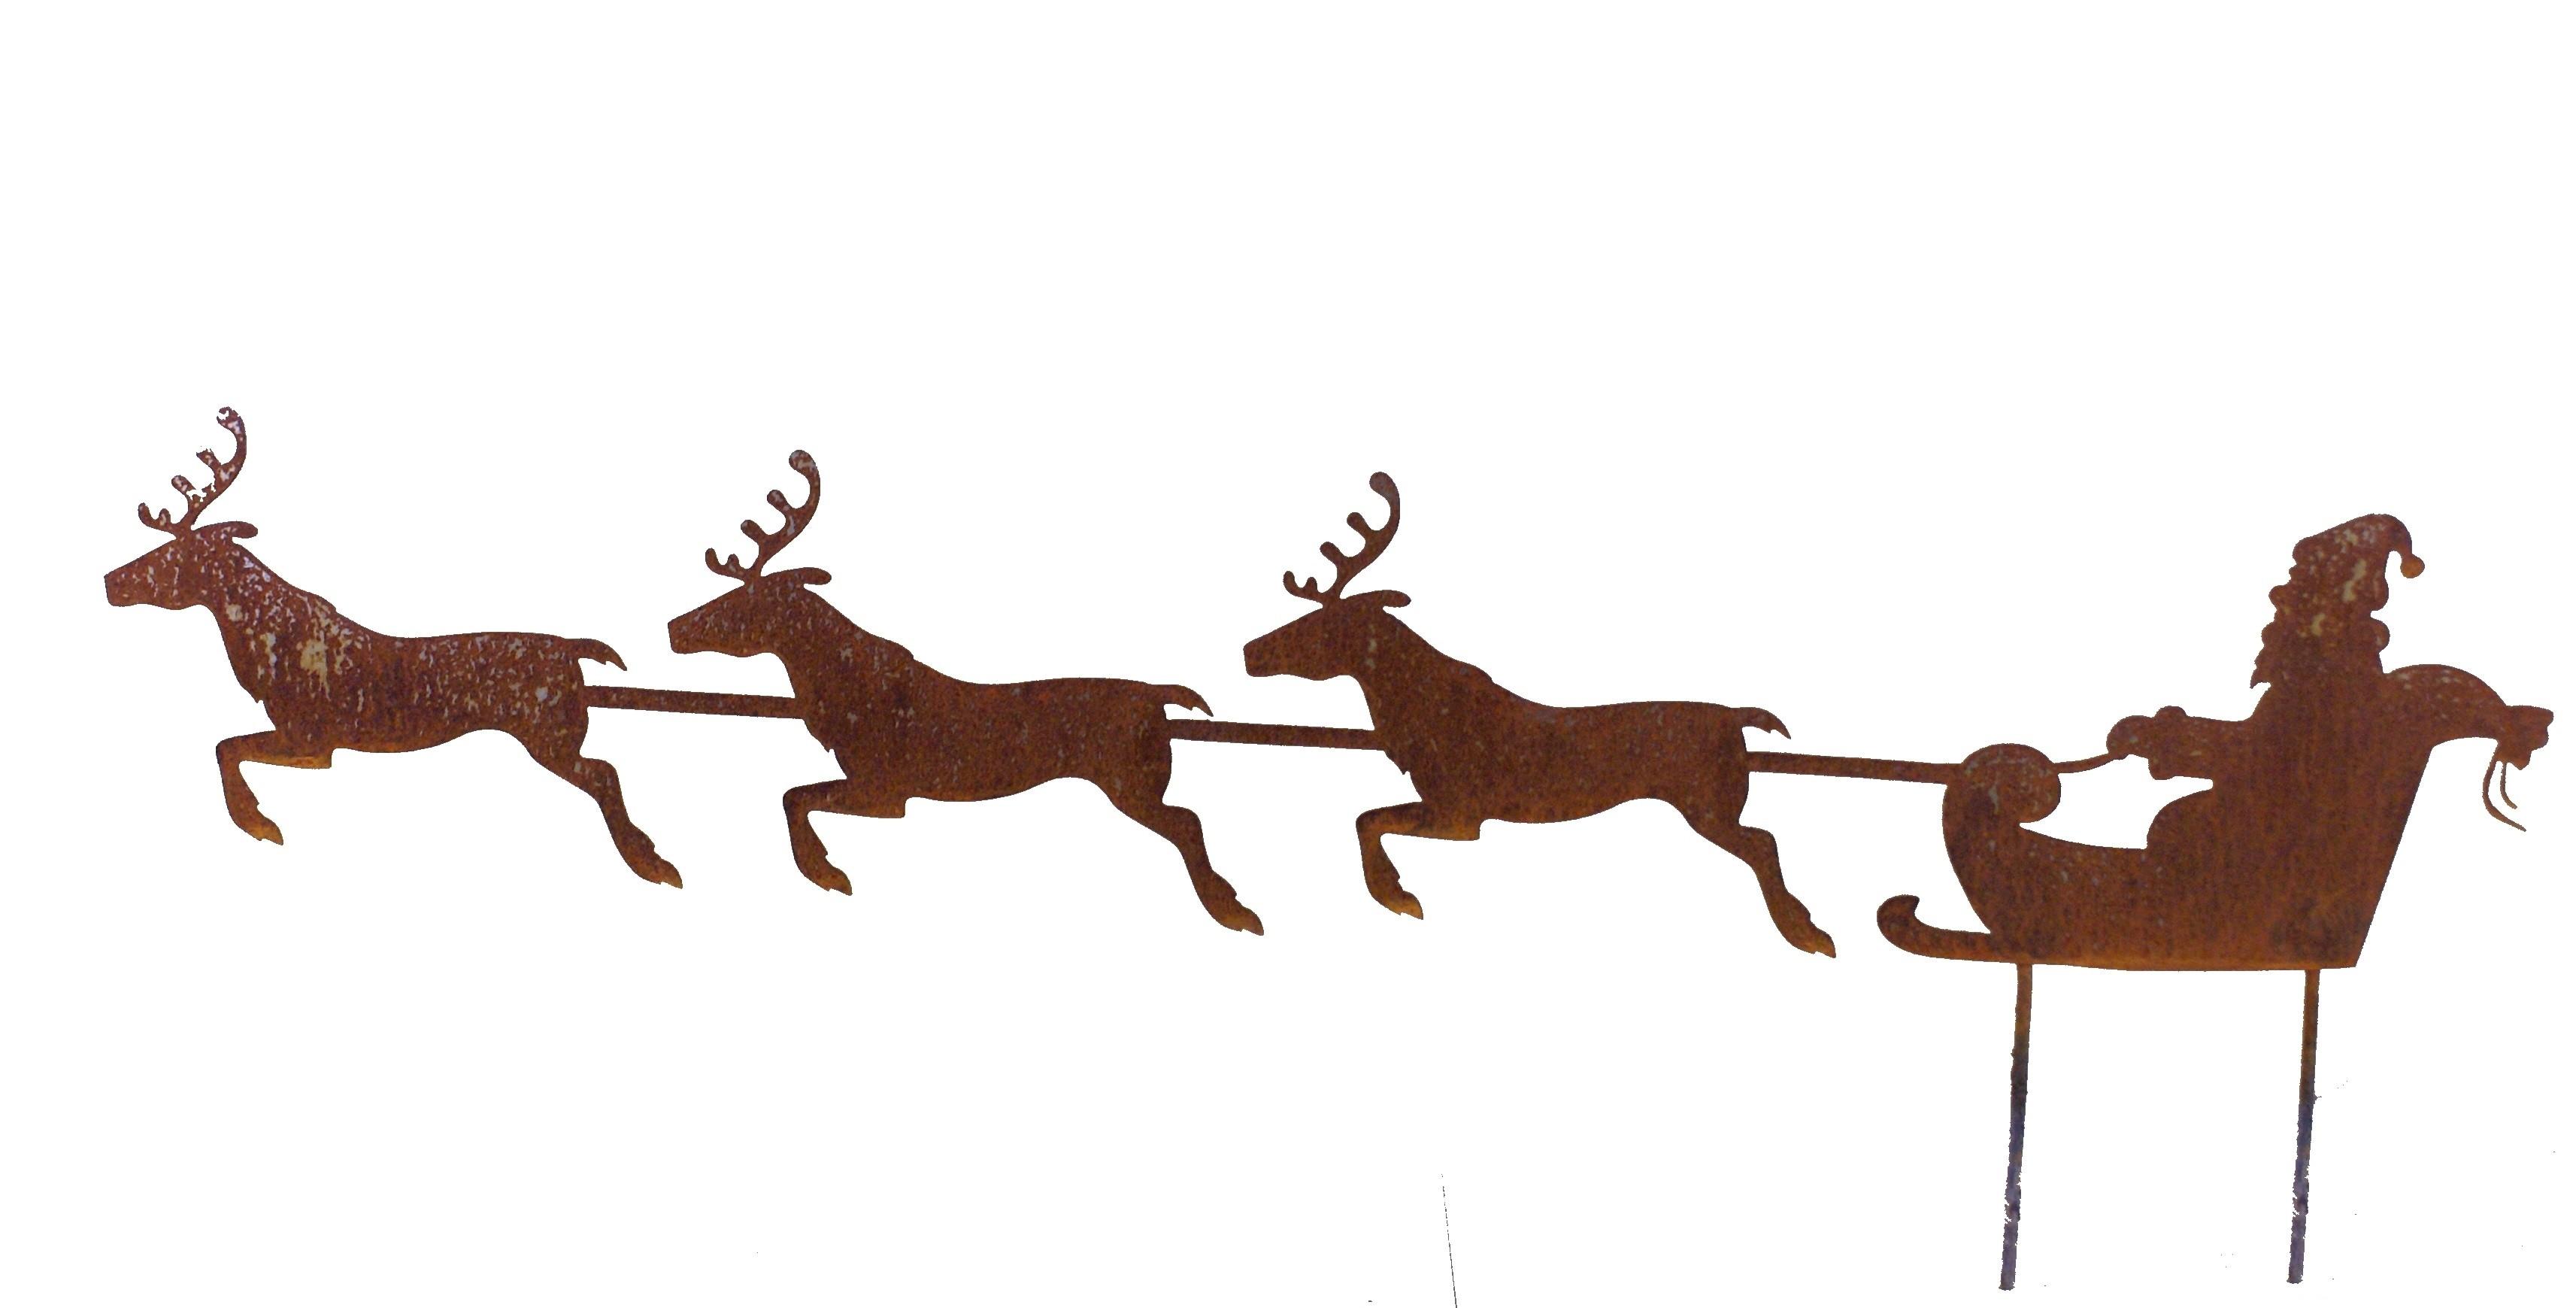 Pére Noel Avec Son Traineau Noel encequiconcerne Image Du Pere Noel Et Son Traineau